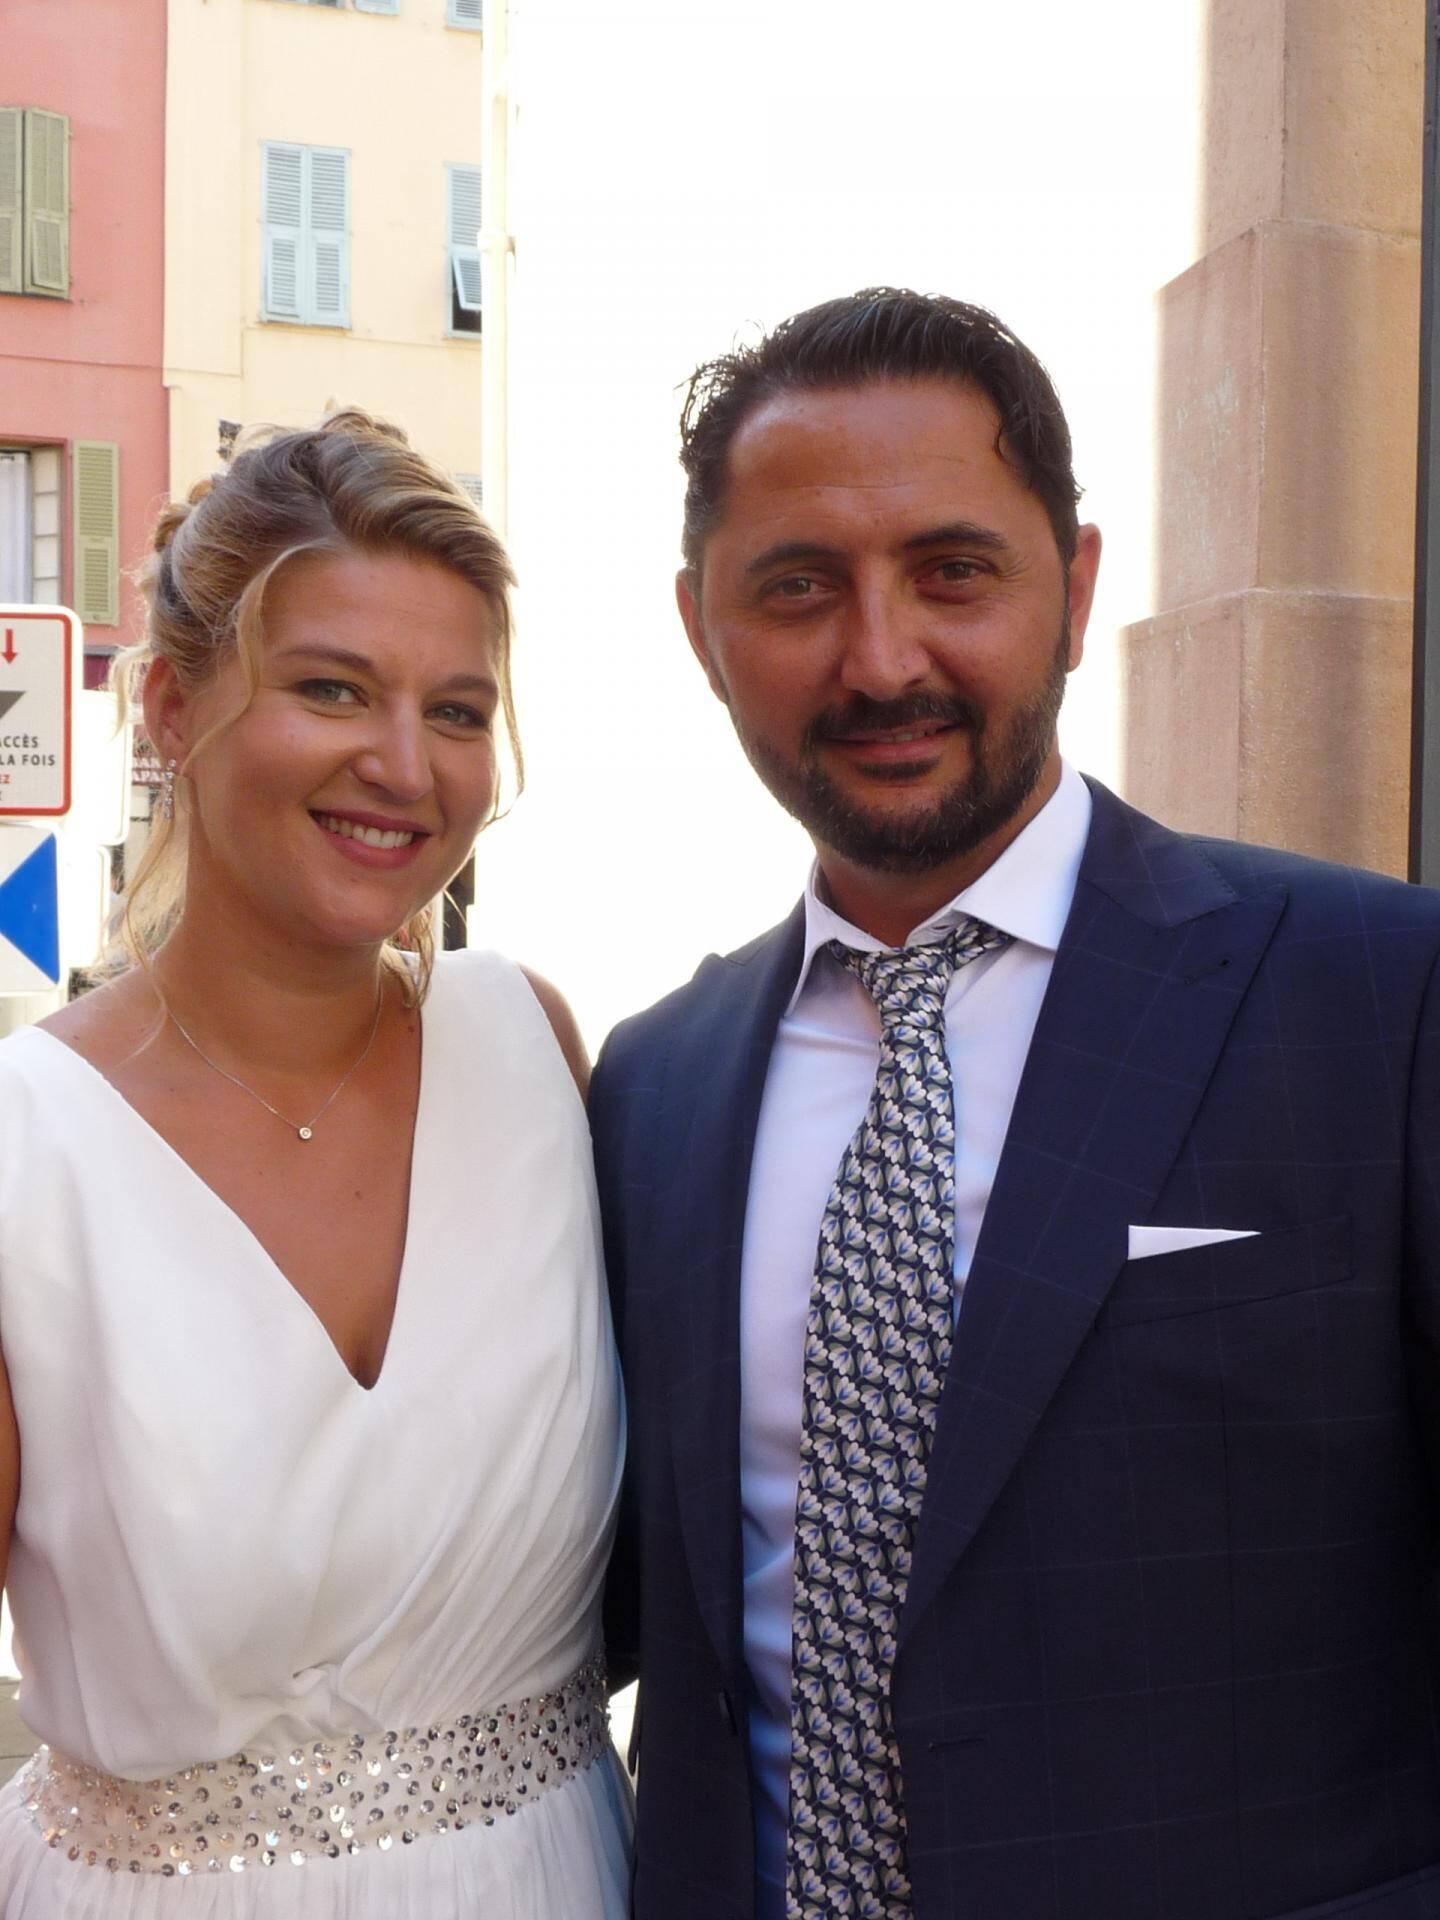 Mélissa Zajac et Julien Schmitt, administrateurs de biens.